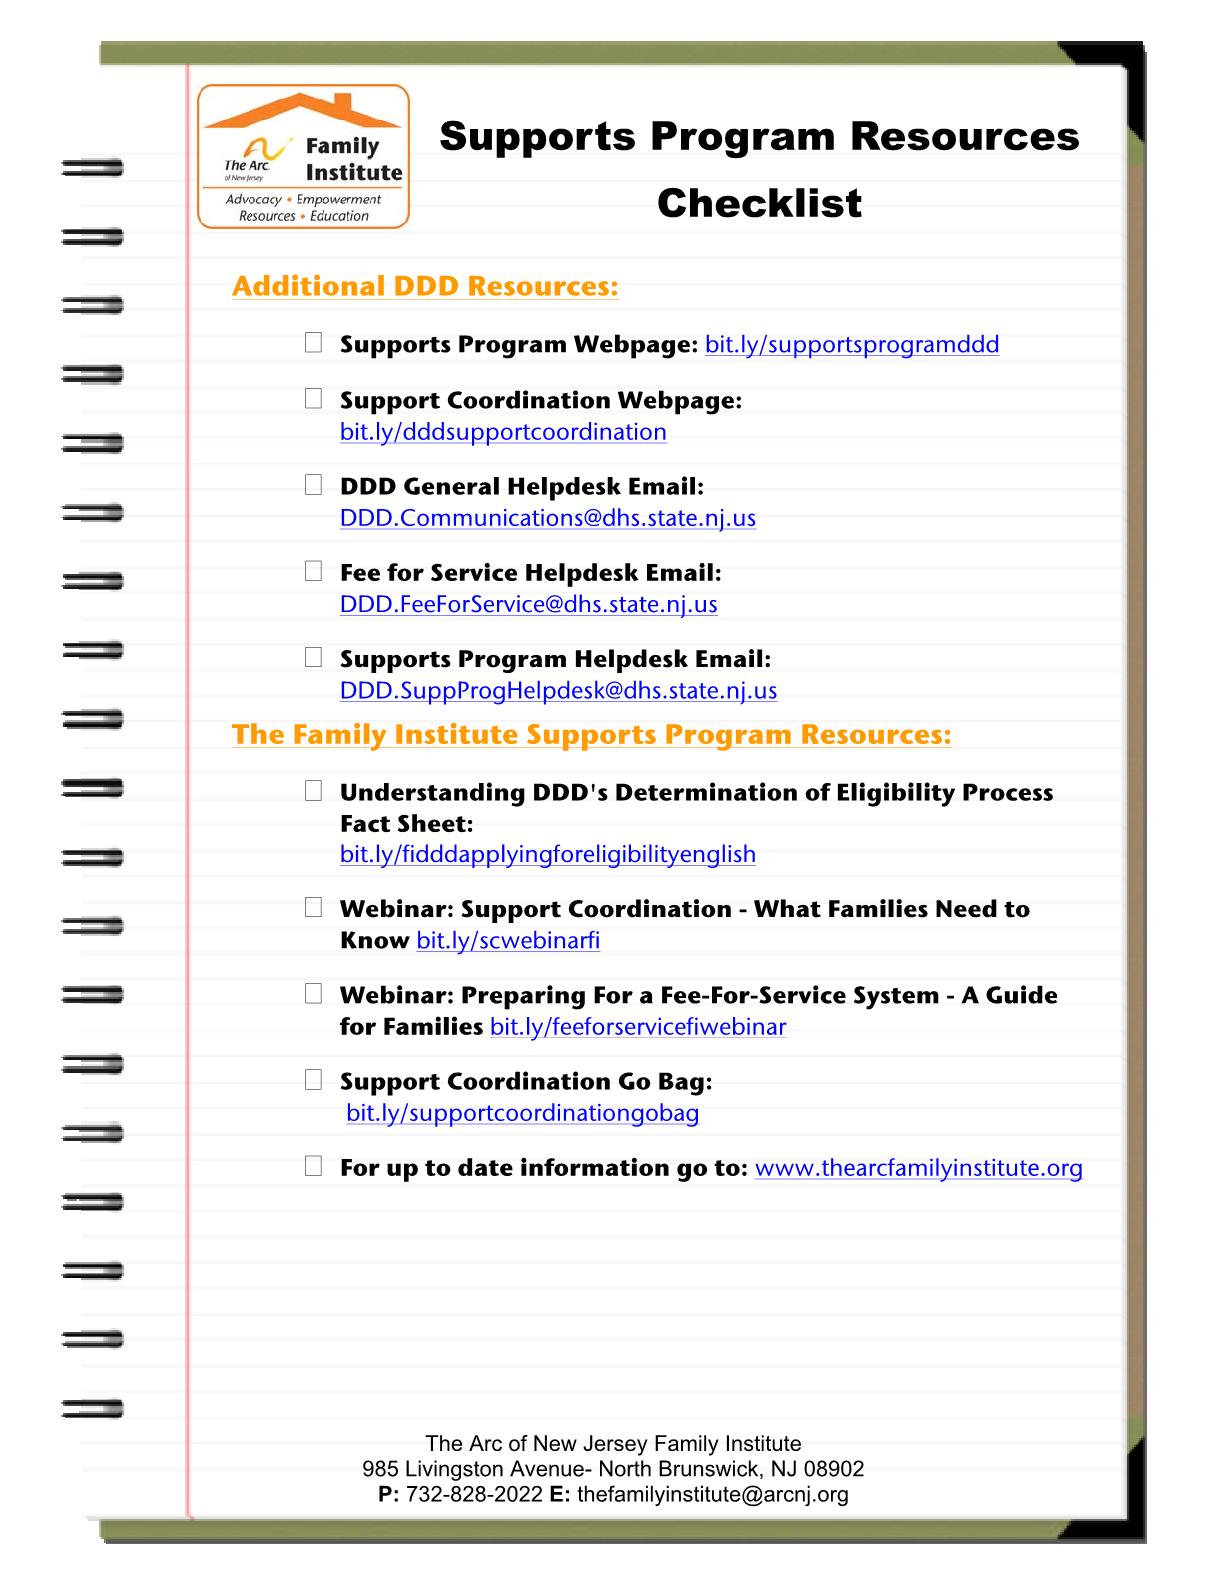 Supports Program Resources Checklist